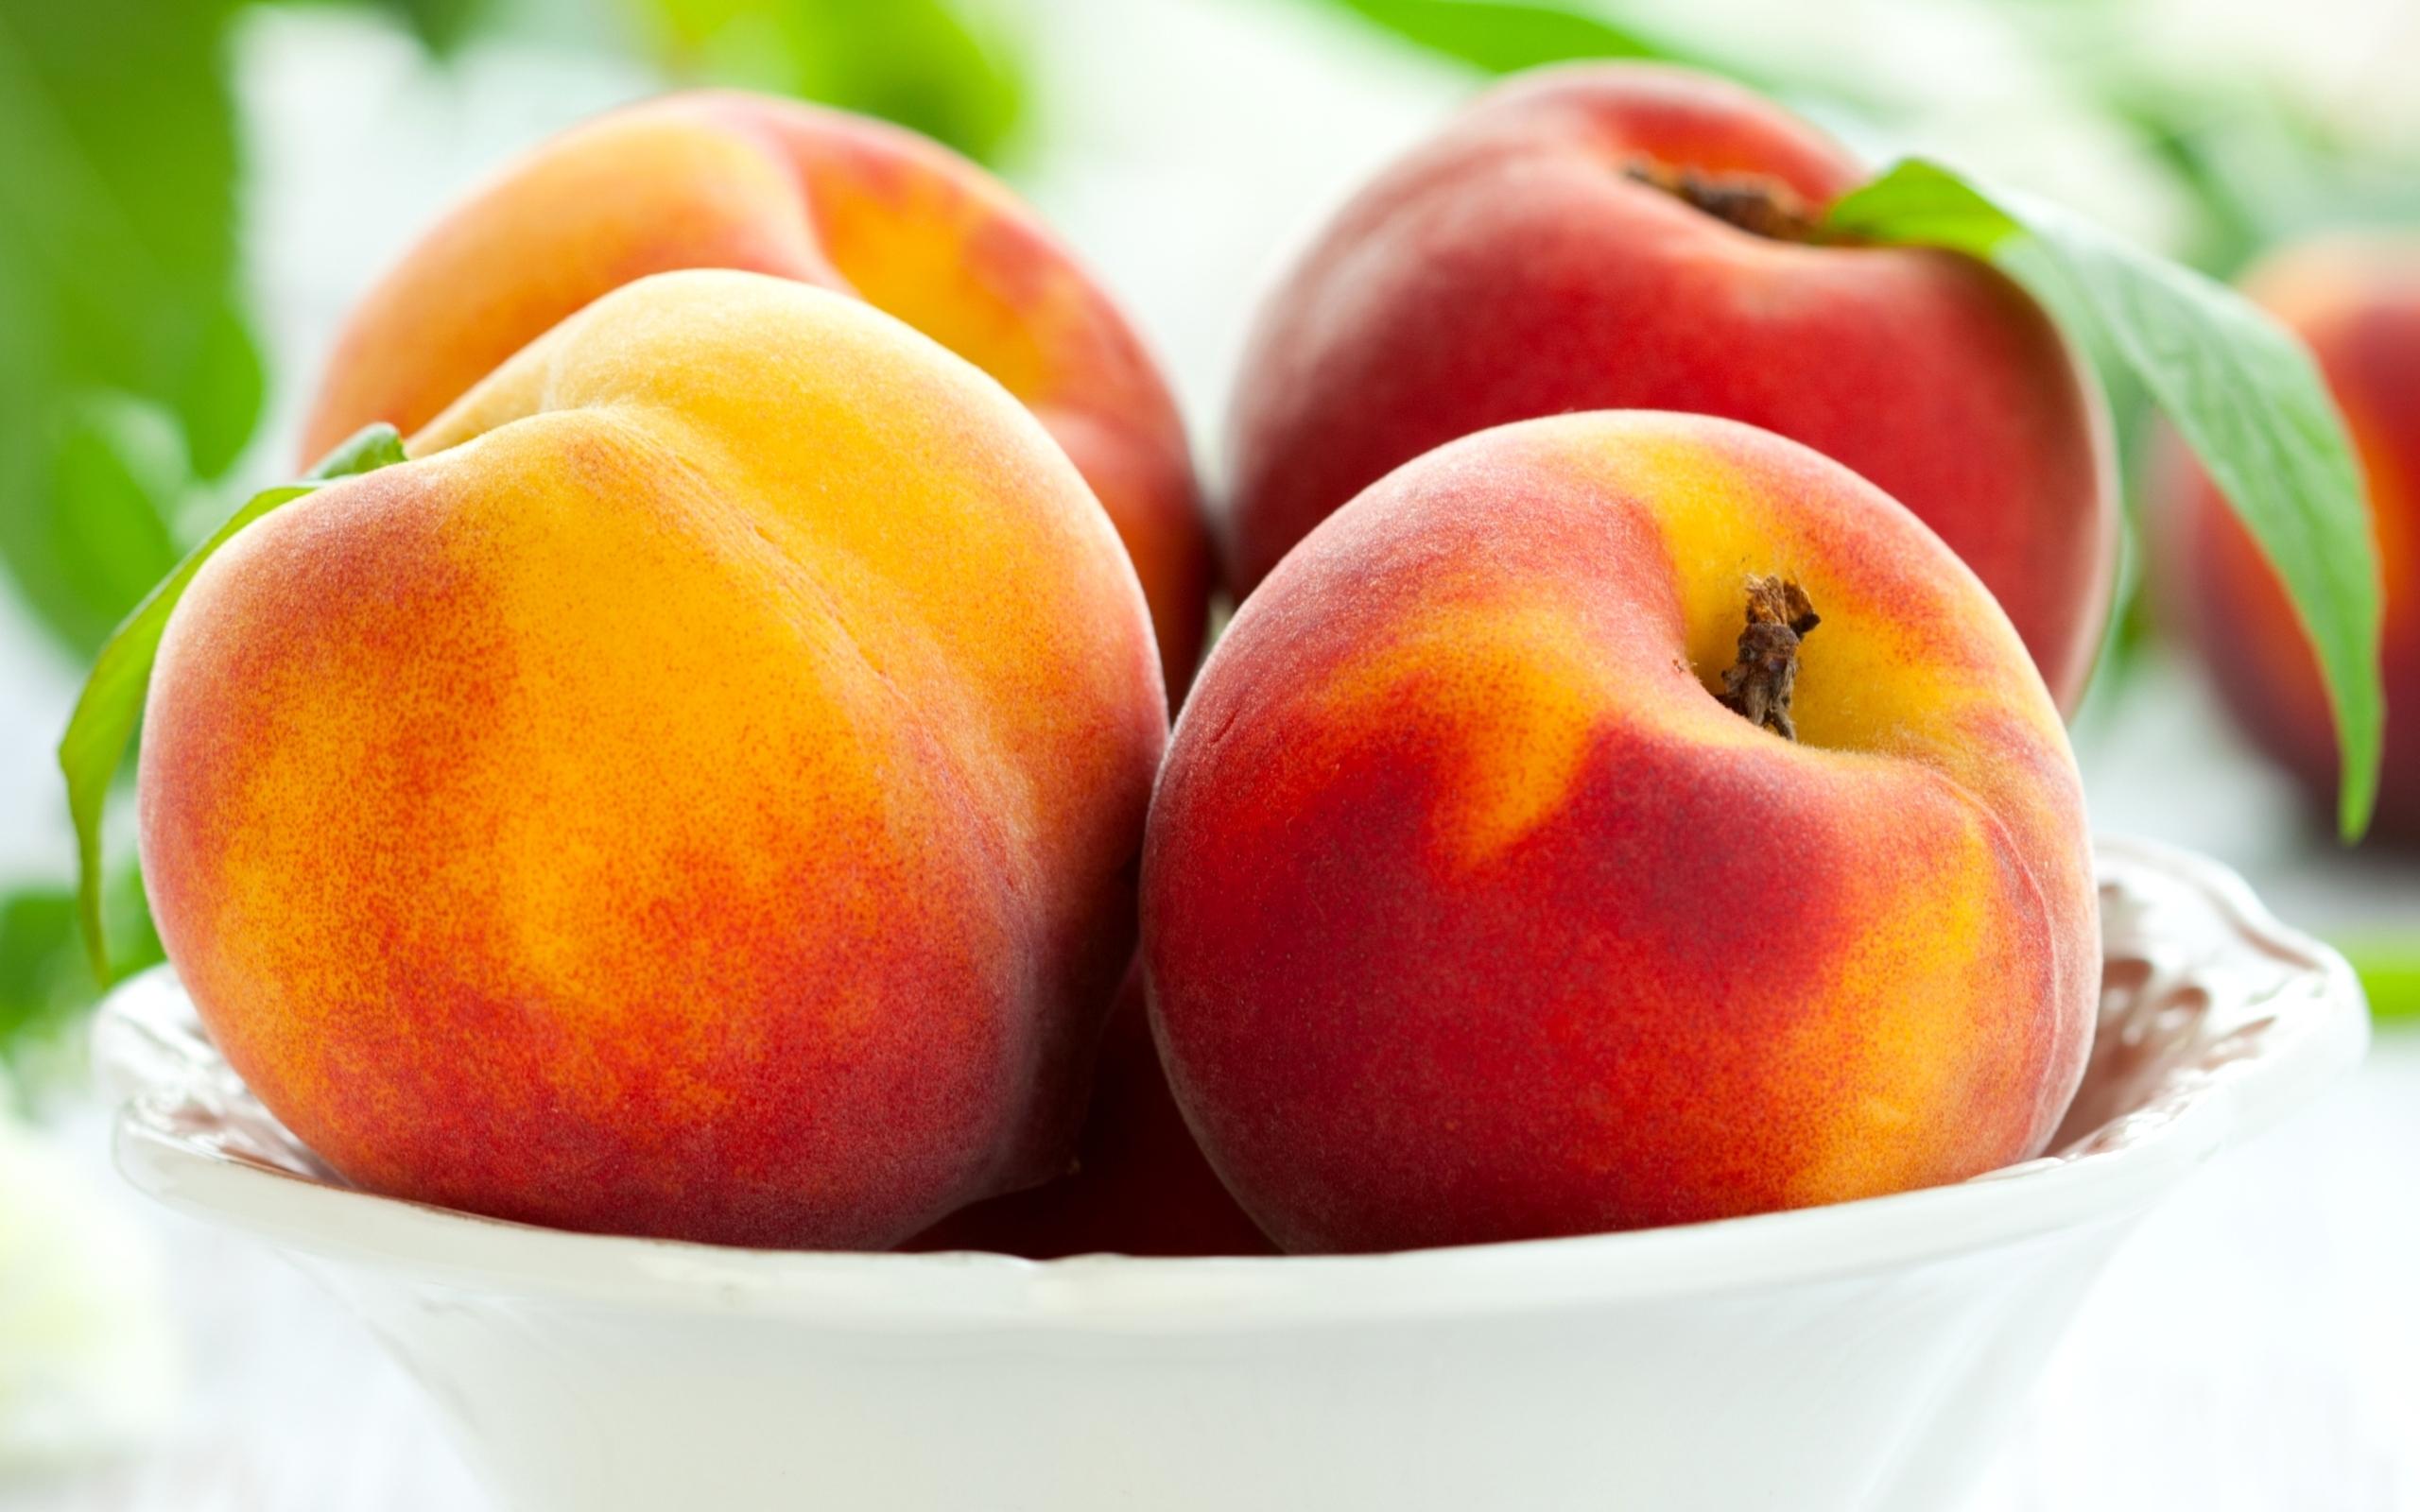 В шкурке персиков содержится большое количество аллергенов